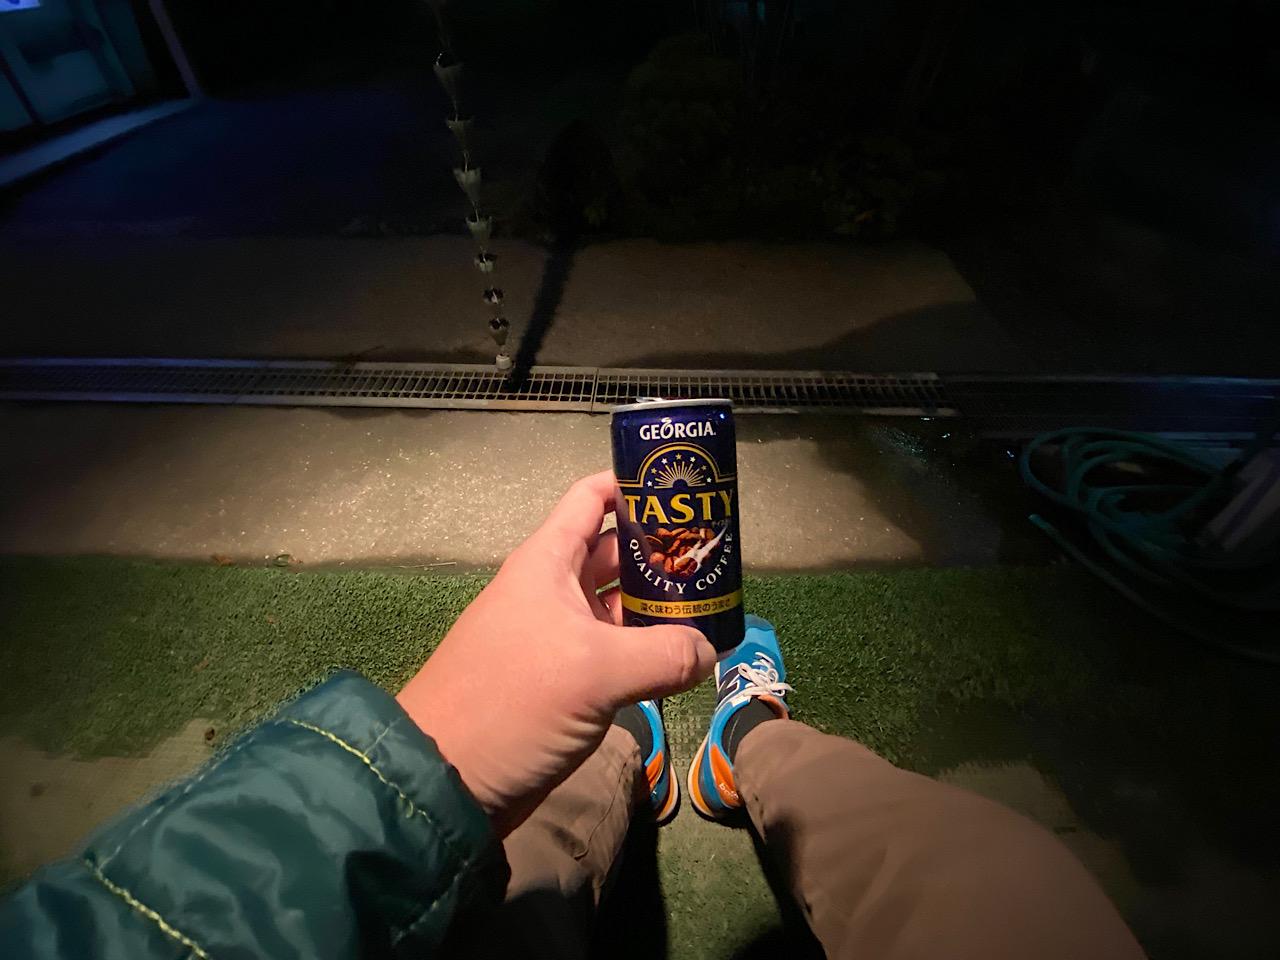 GEORGIA at Dark